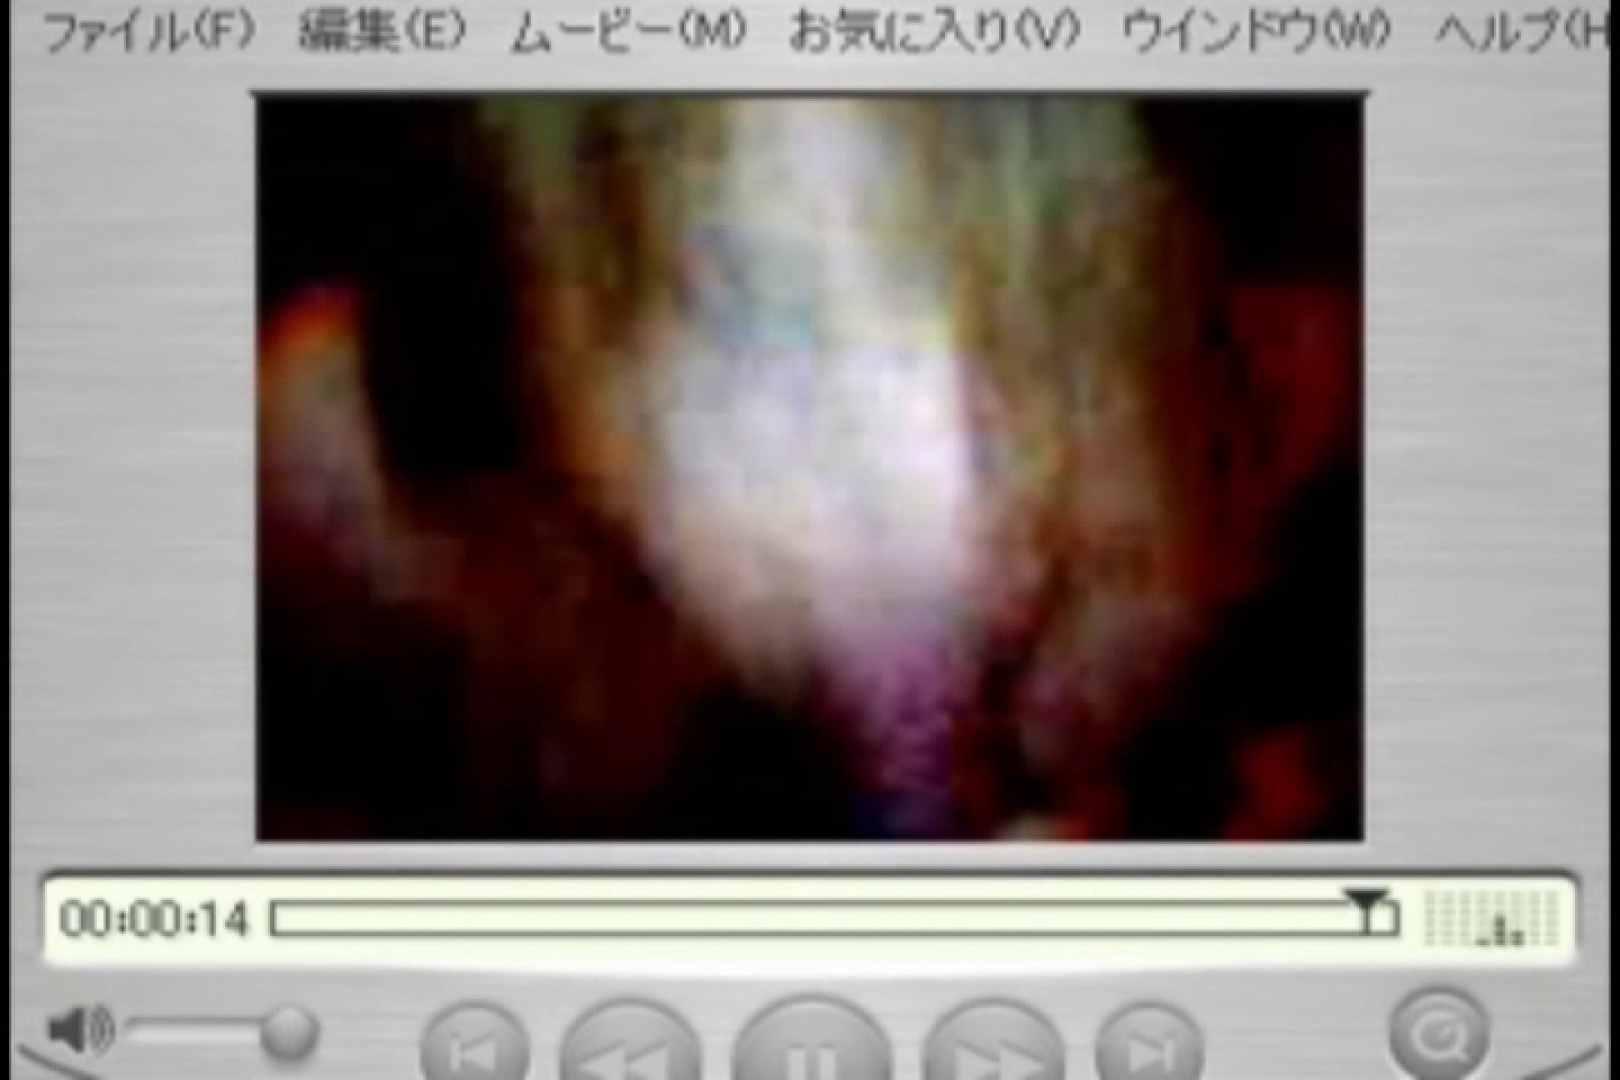 Shigeruのアルバム 流出作品  63連発 25